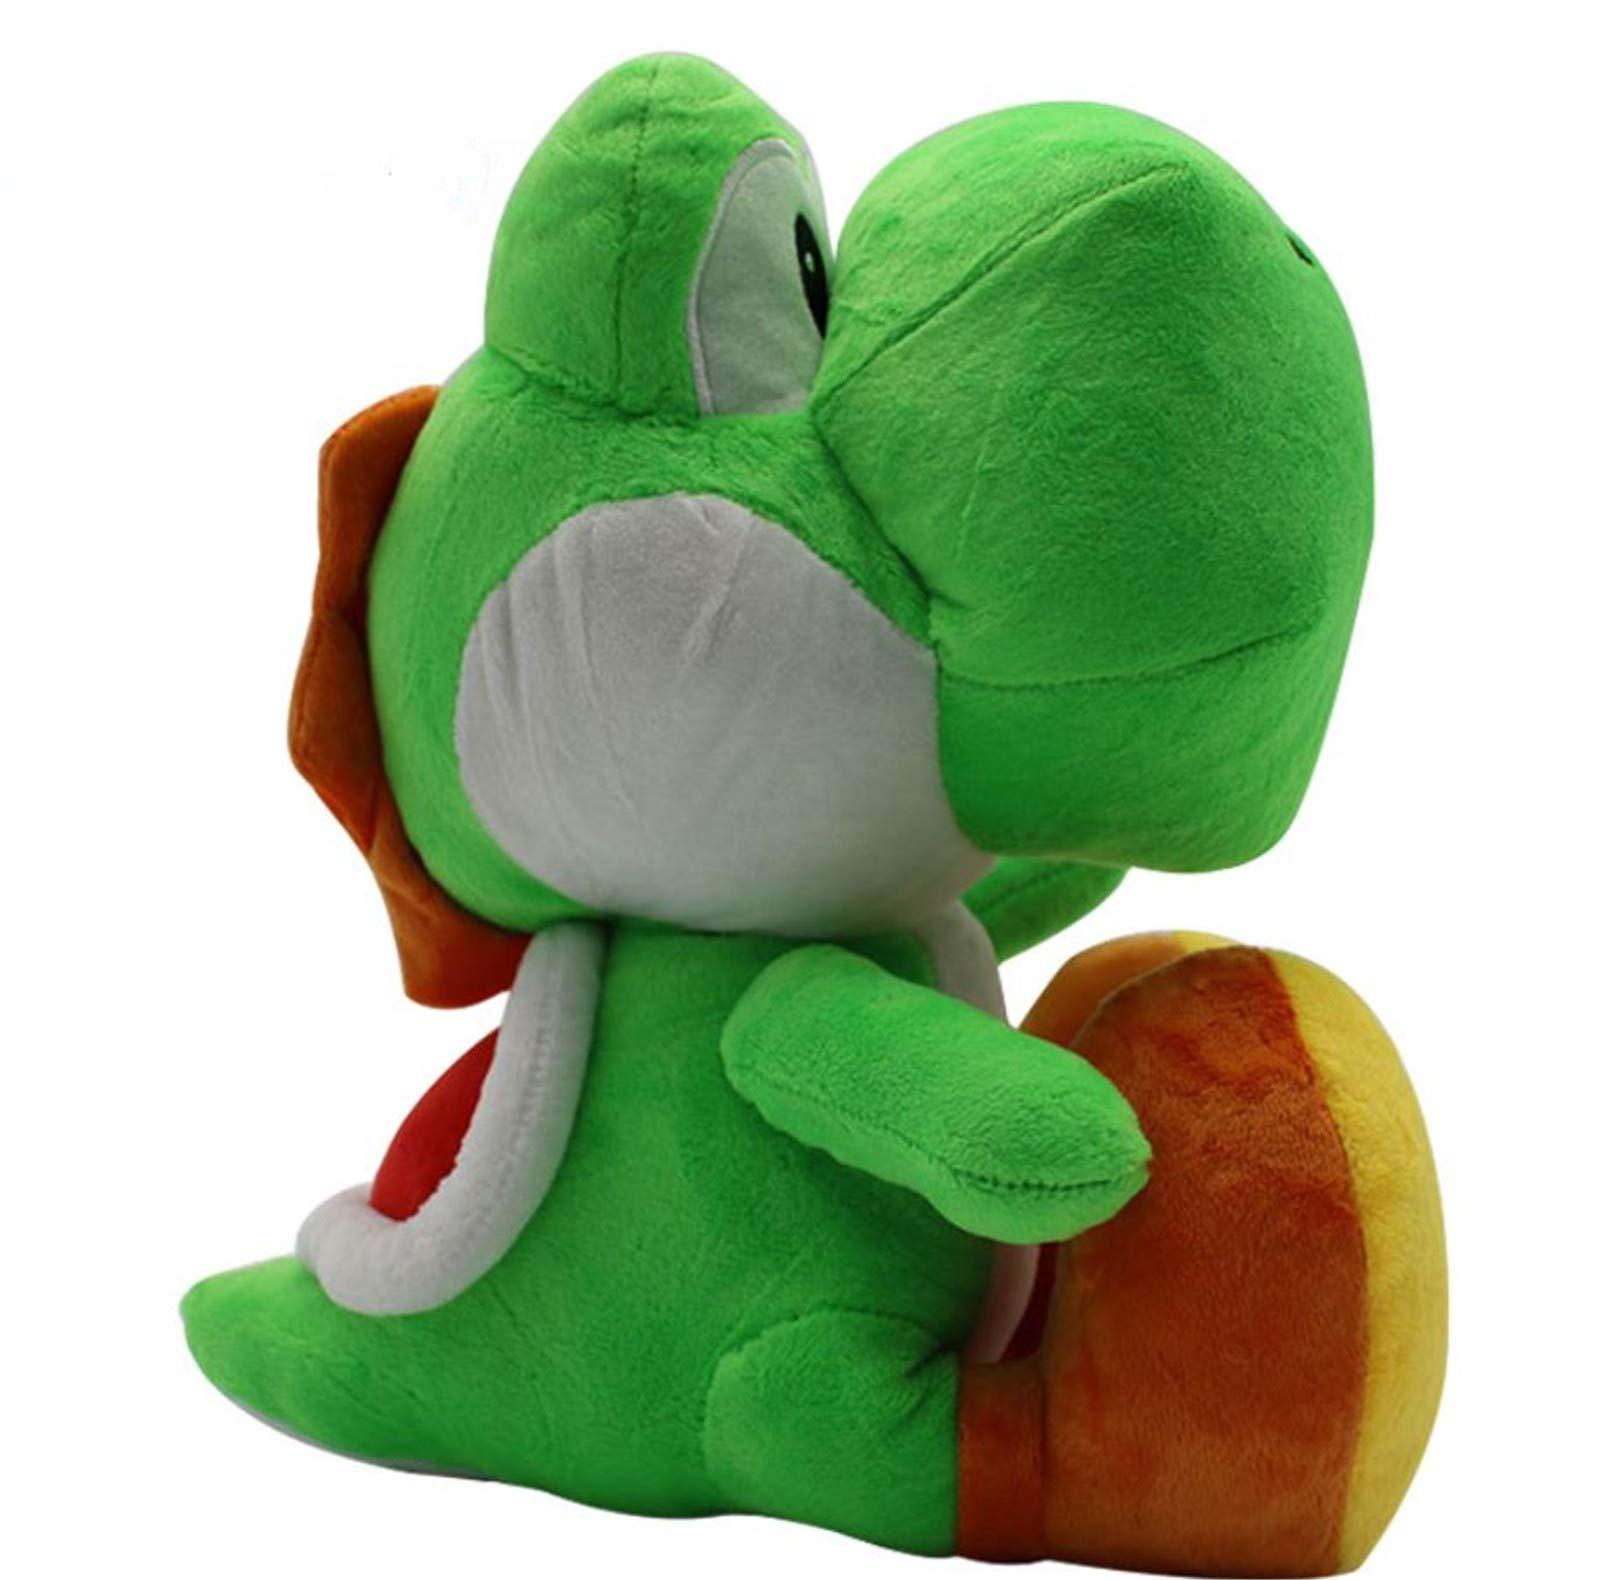 Juyo Super Mario Brother 12'' Yoshi Stuffed Plush ,Green Color.